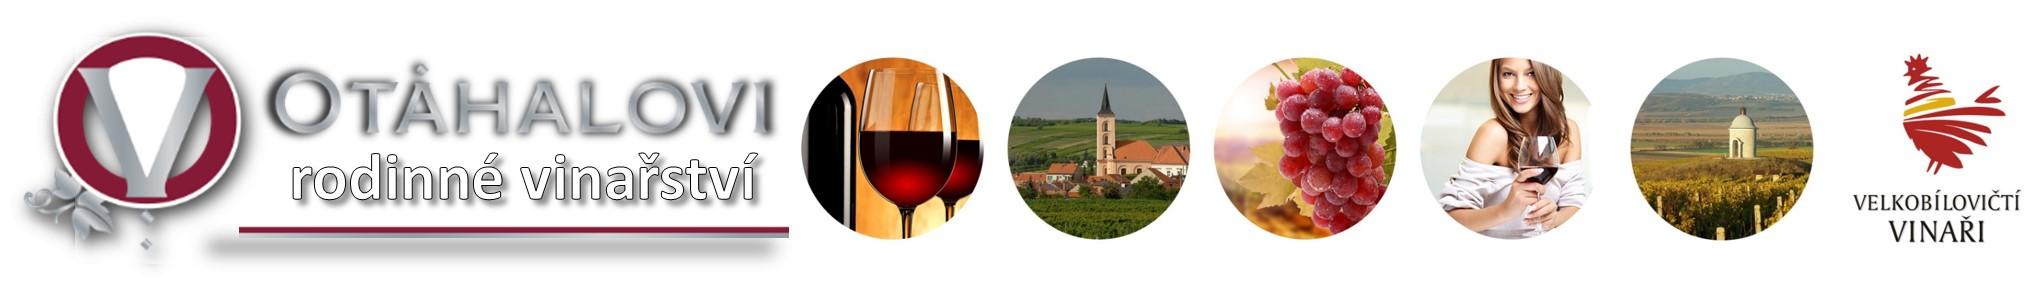 Rodinné vinařství Otáhalovi